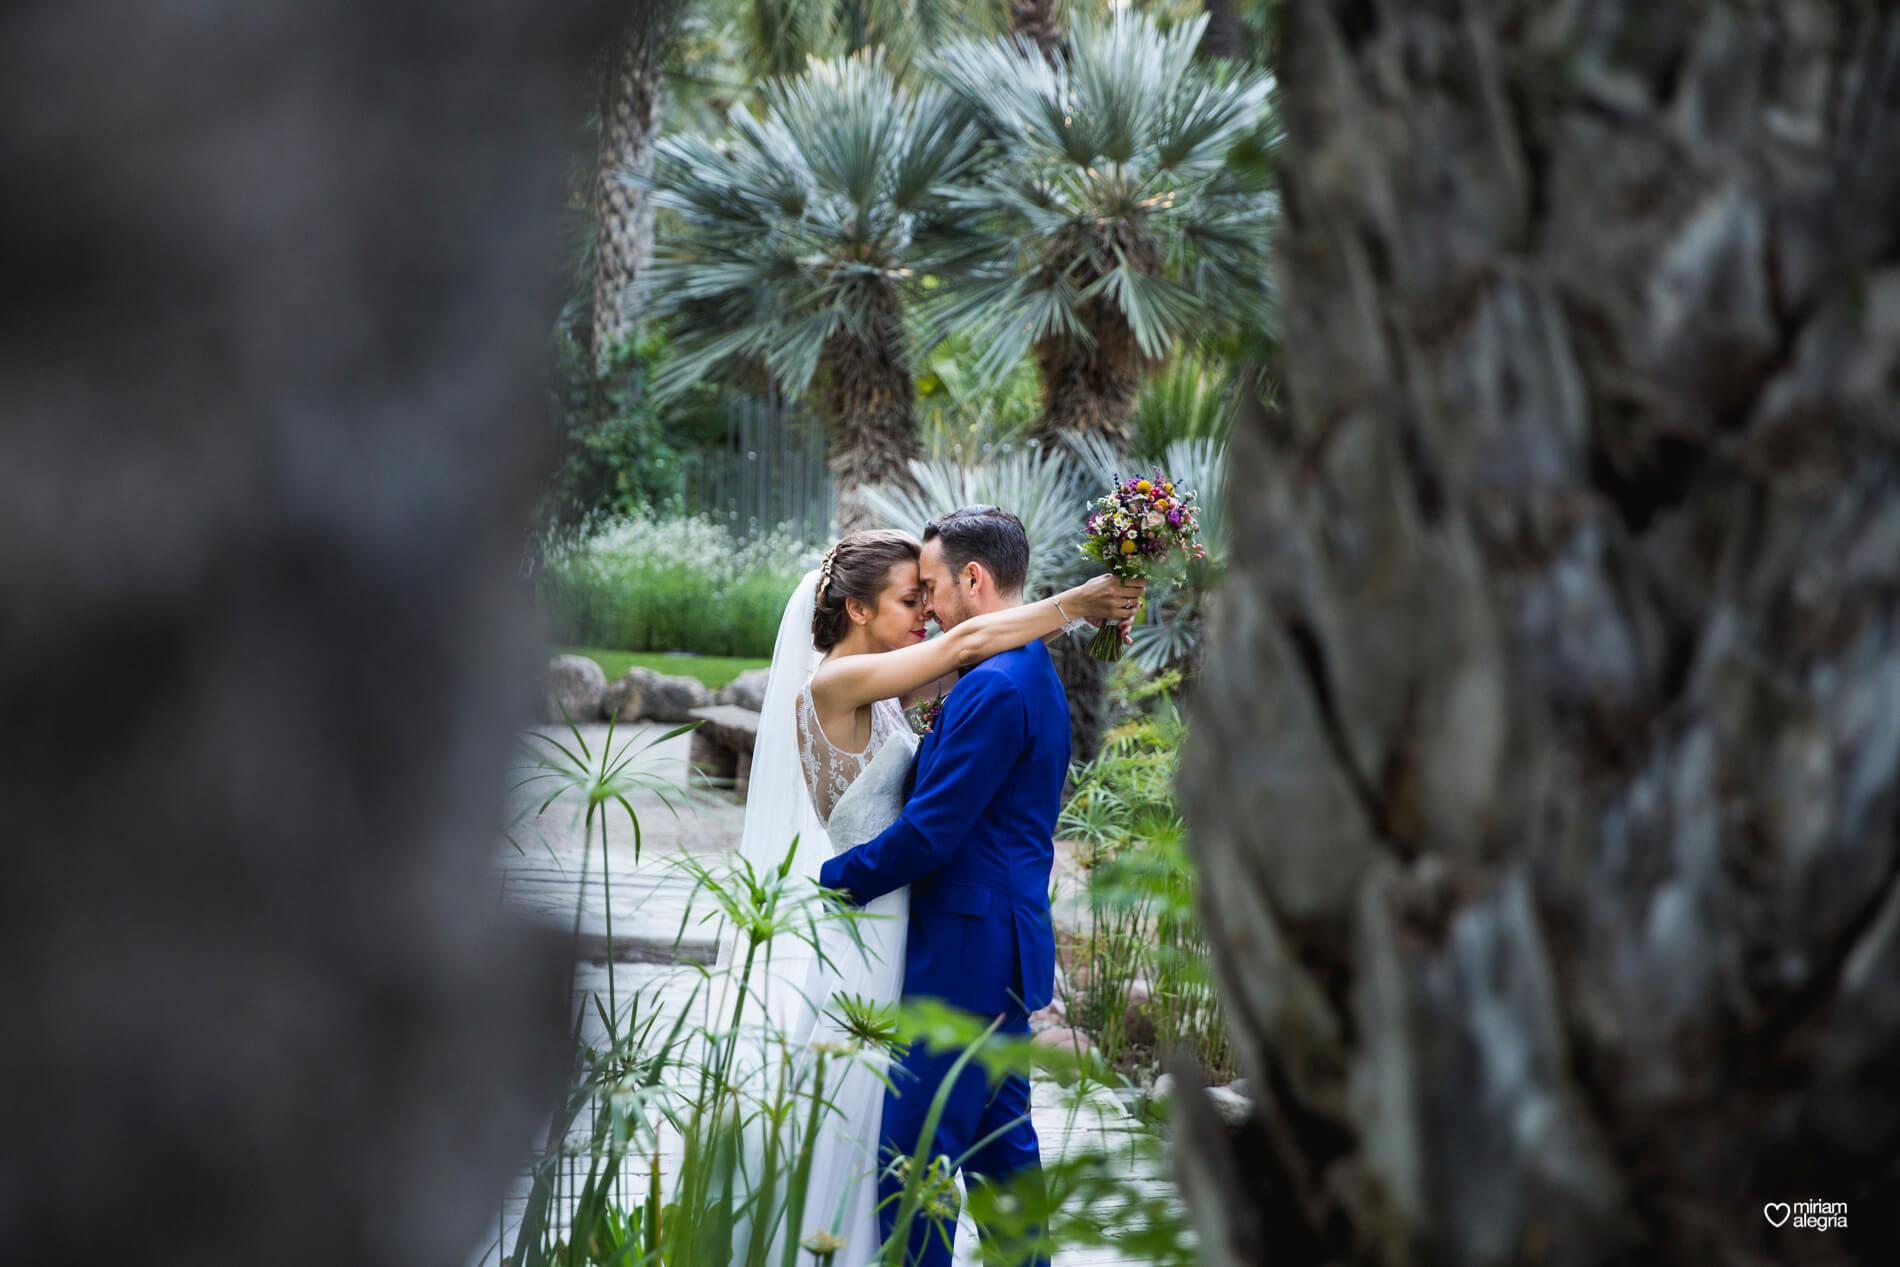 wedding-huerto-del-cura-elche-miriam-alegria-fotografos-boda-31